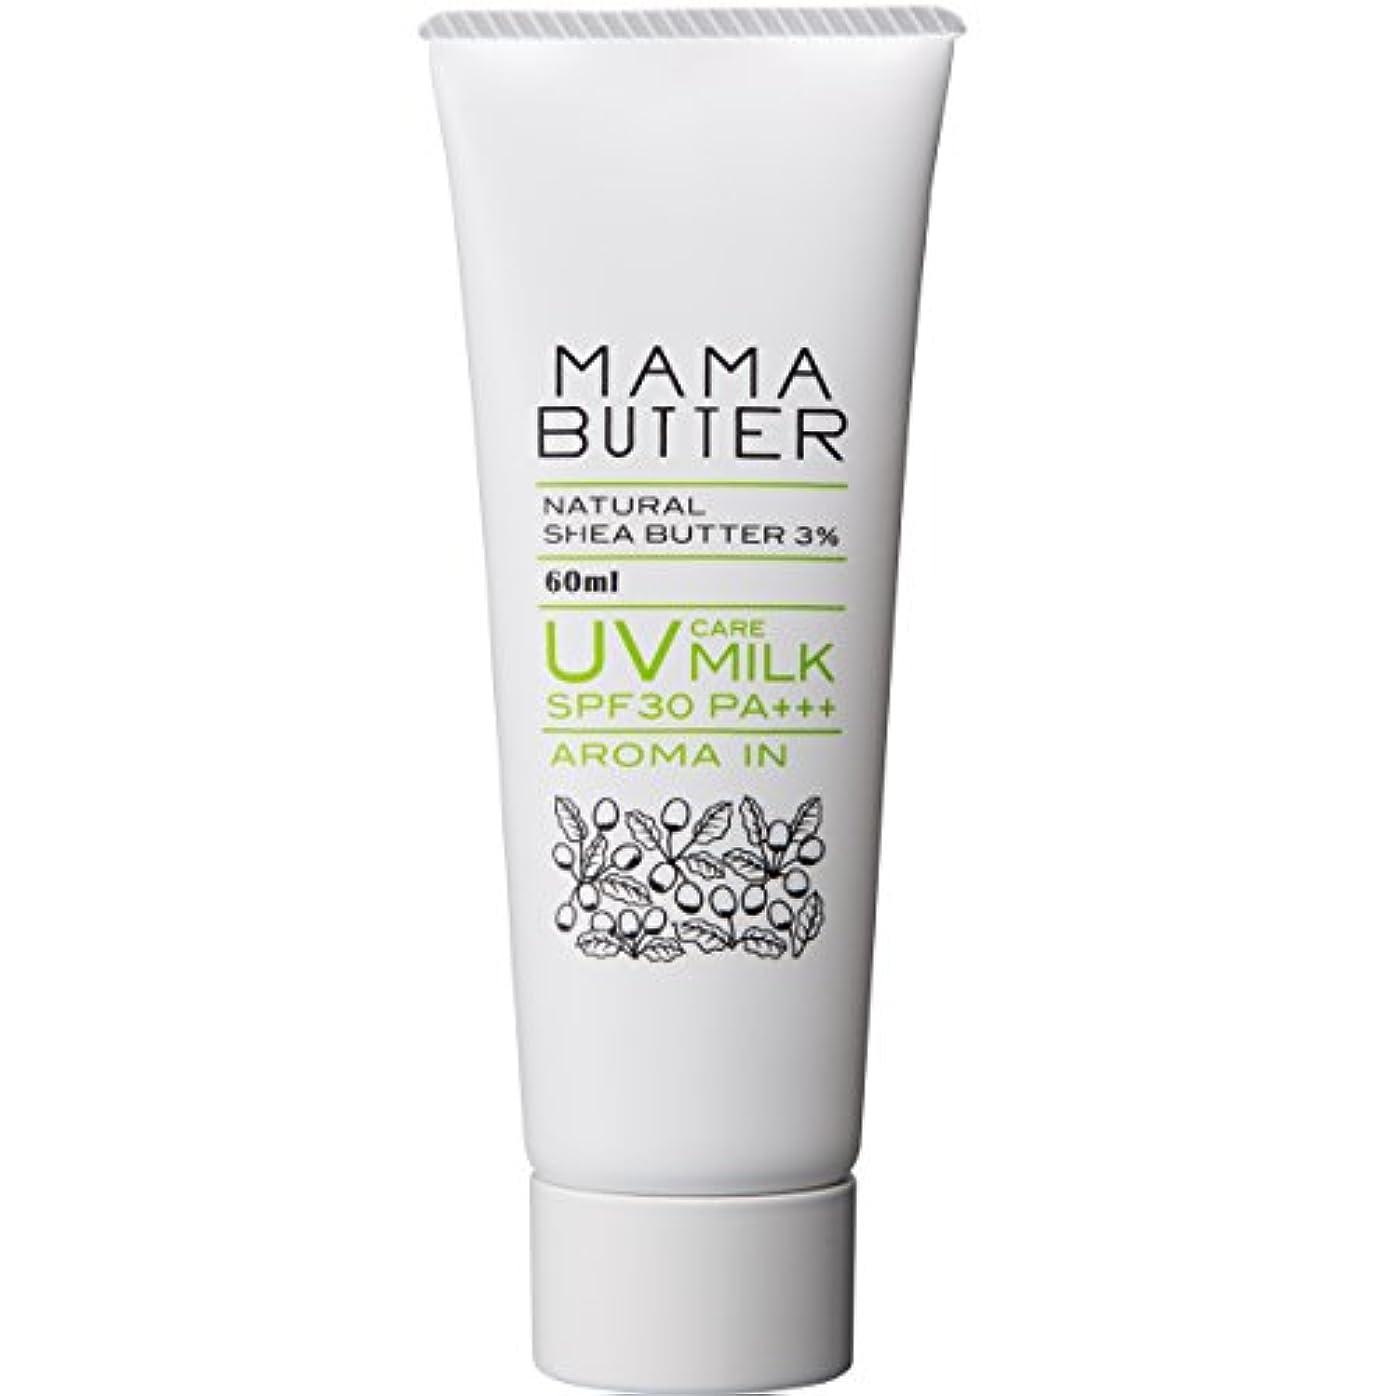 早い回復する余裕があるママバター UVケアミルク アロマイン SPF30 PA+++ 60ml